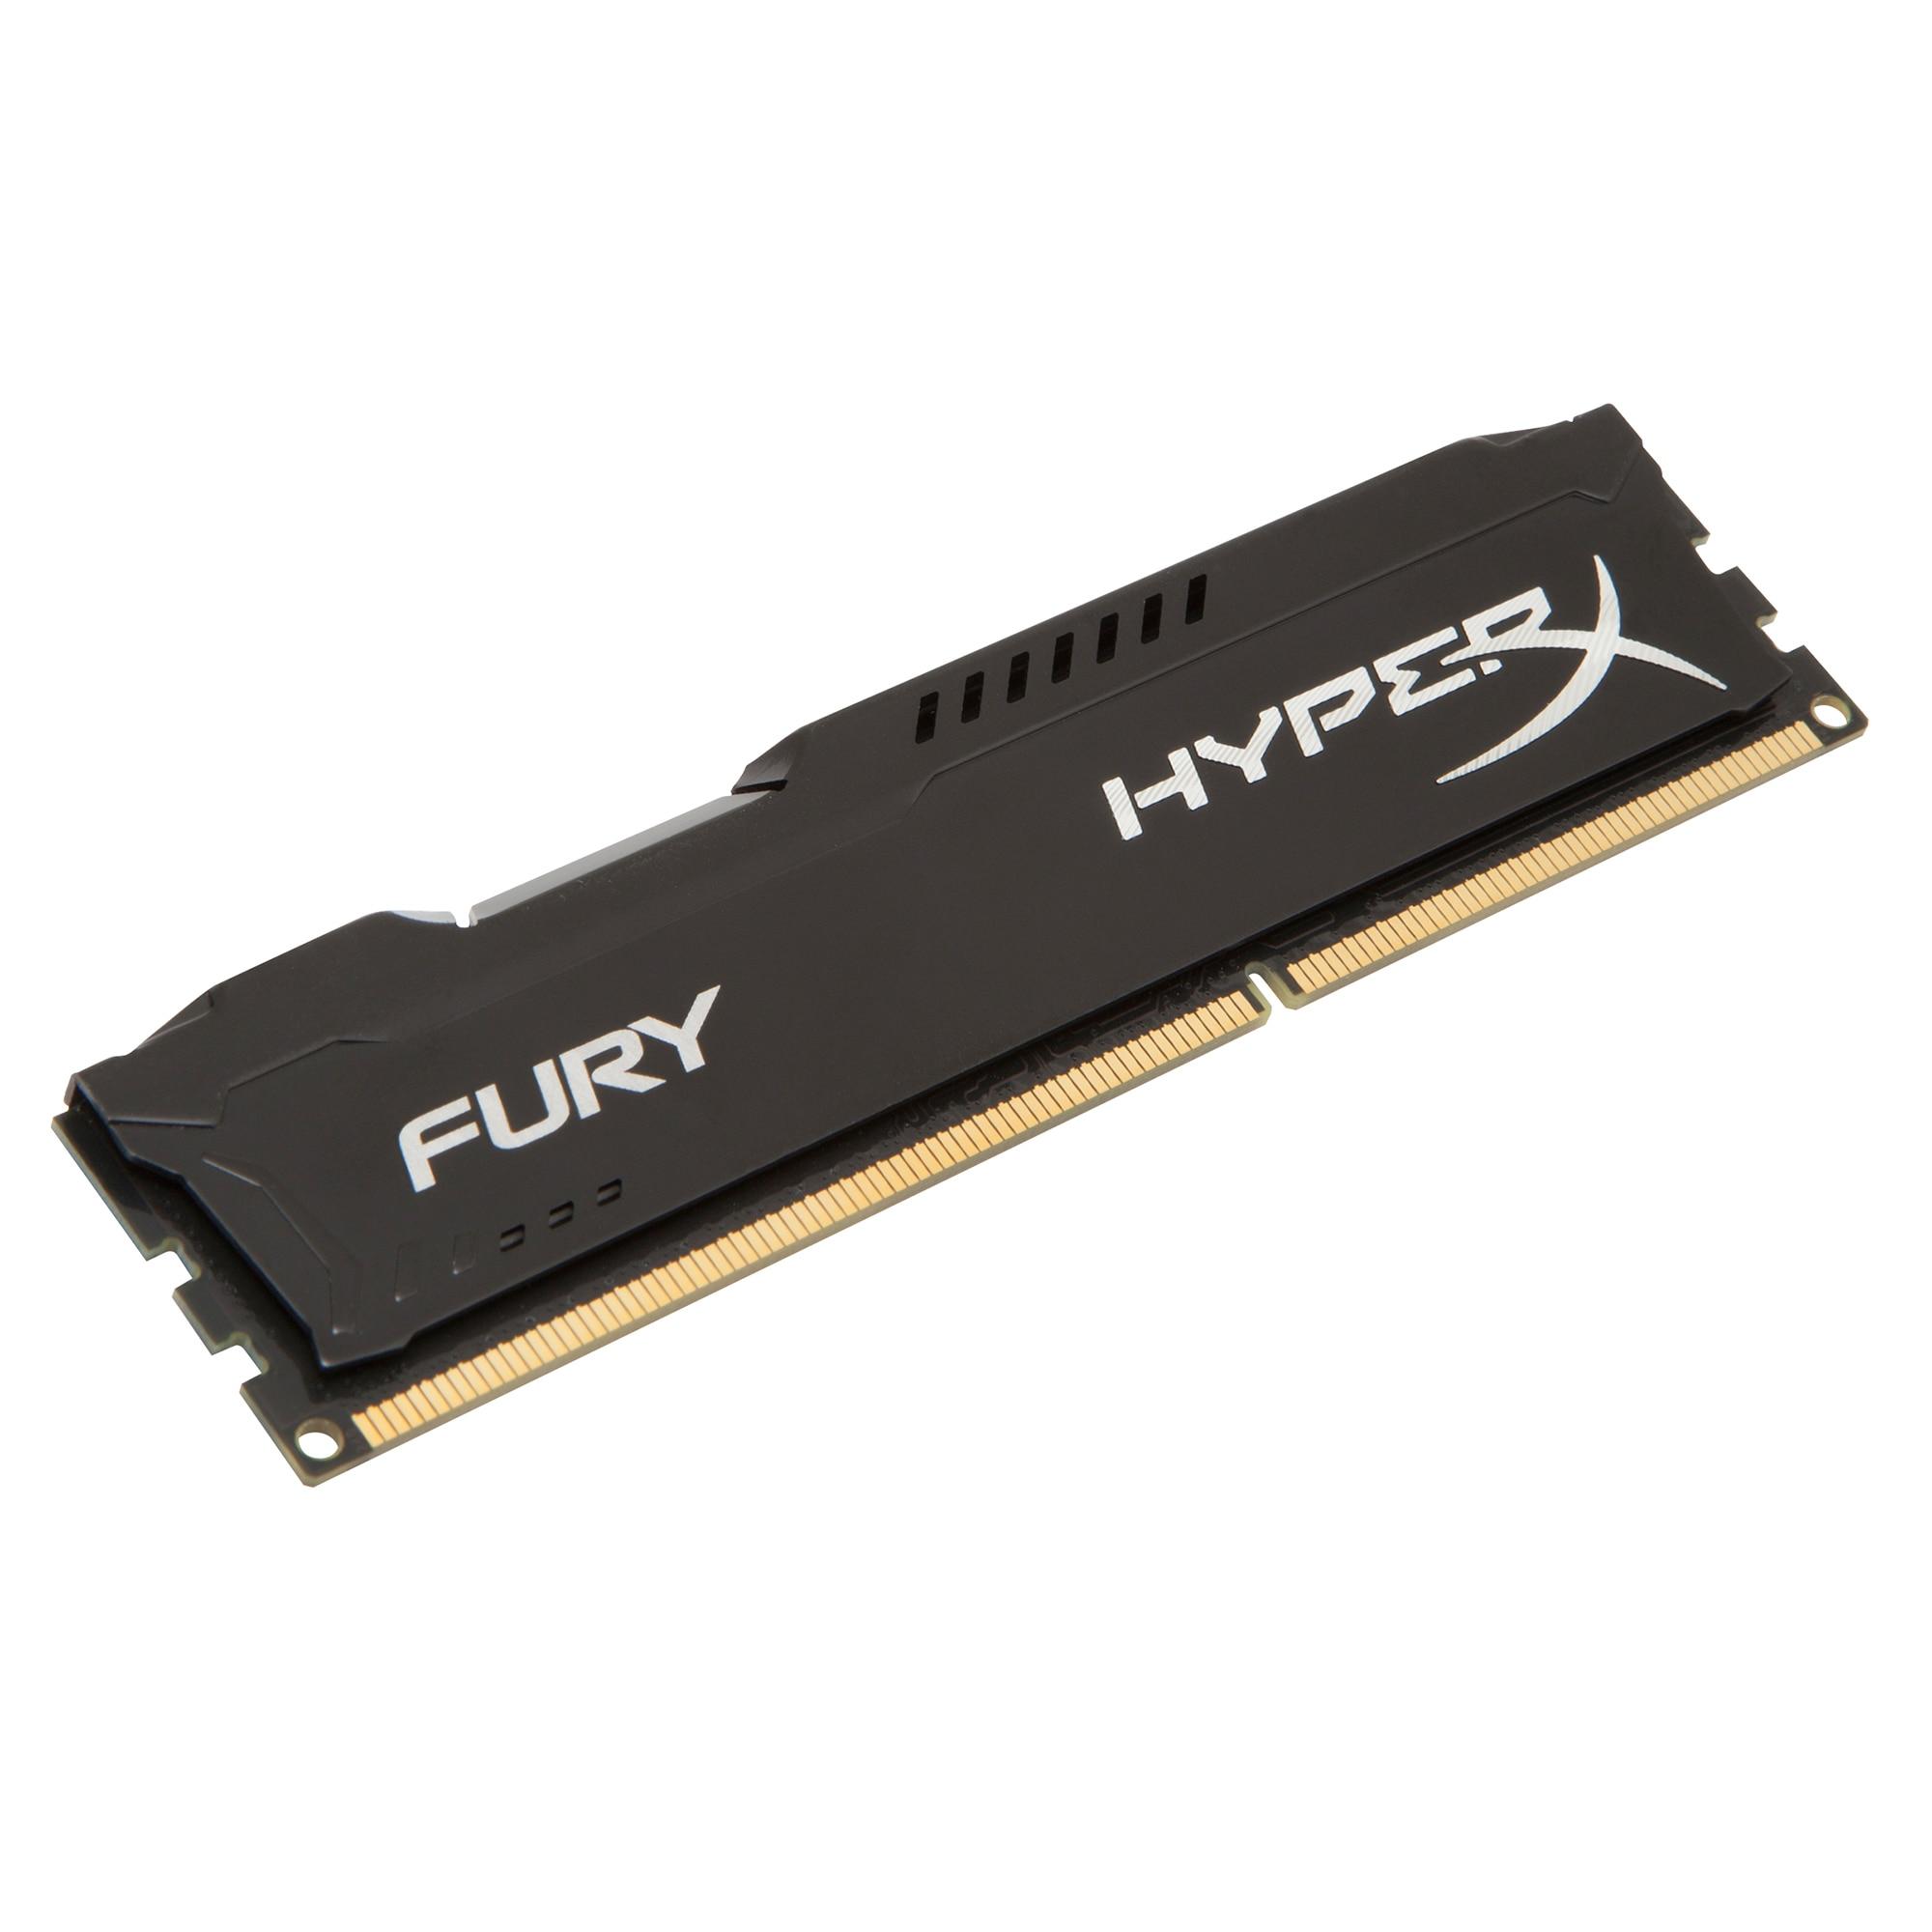 Fotografie Memorie HyperX FURY Black 8GB, DDR3, 1866MHz, CL10, 1.5V